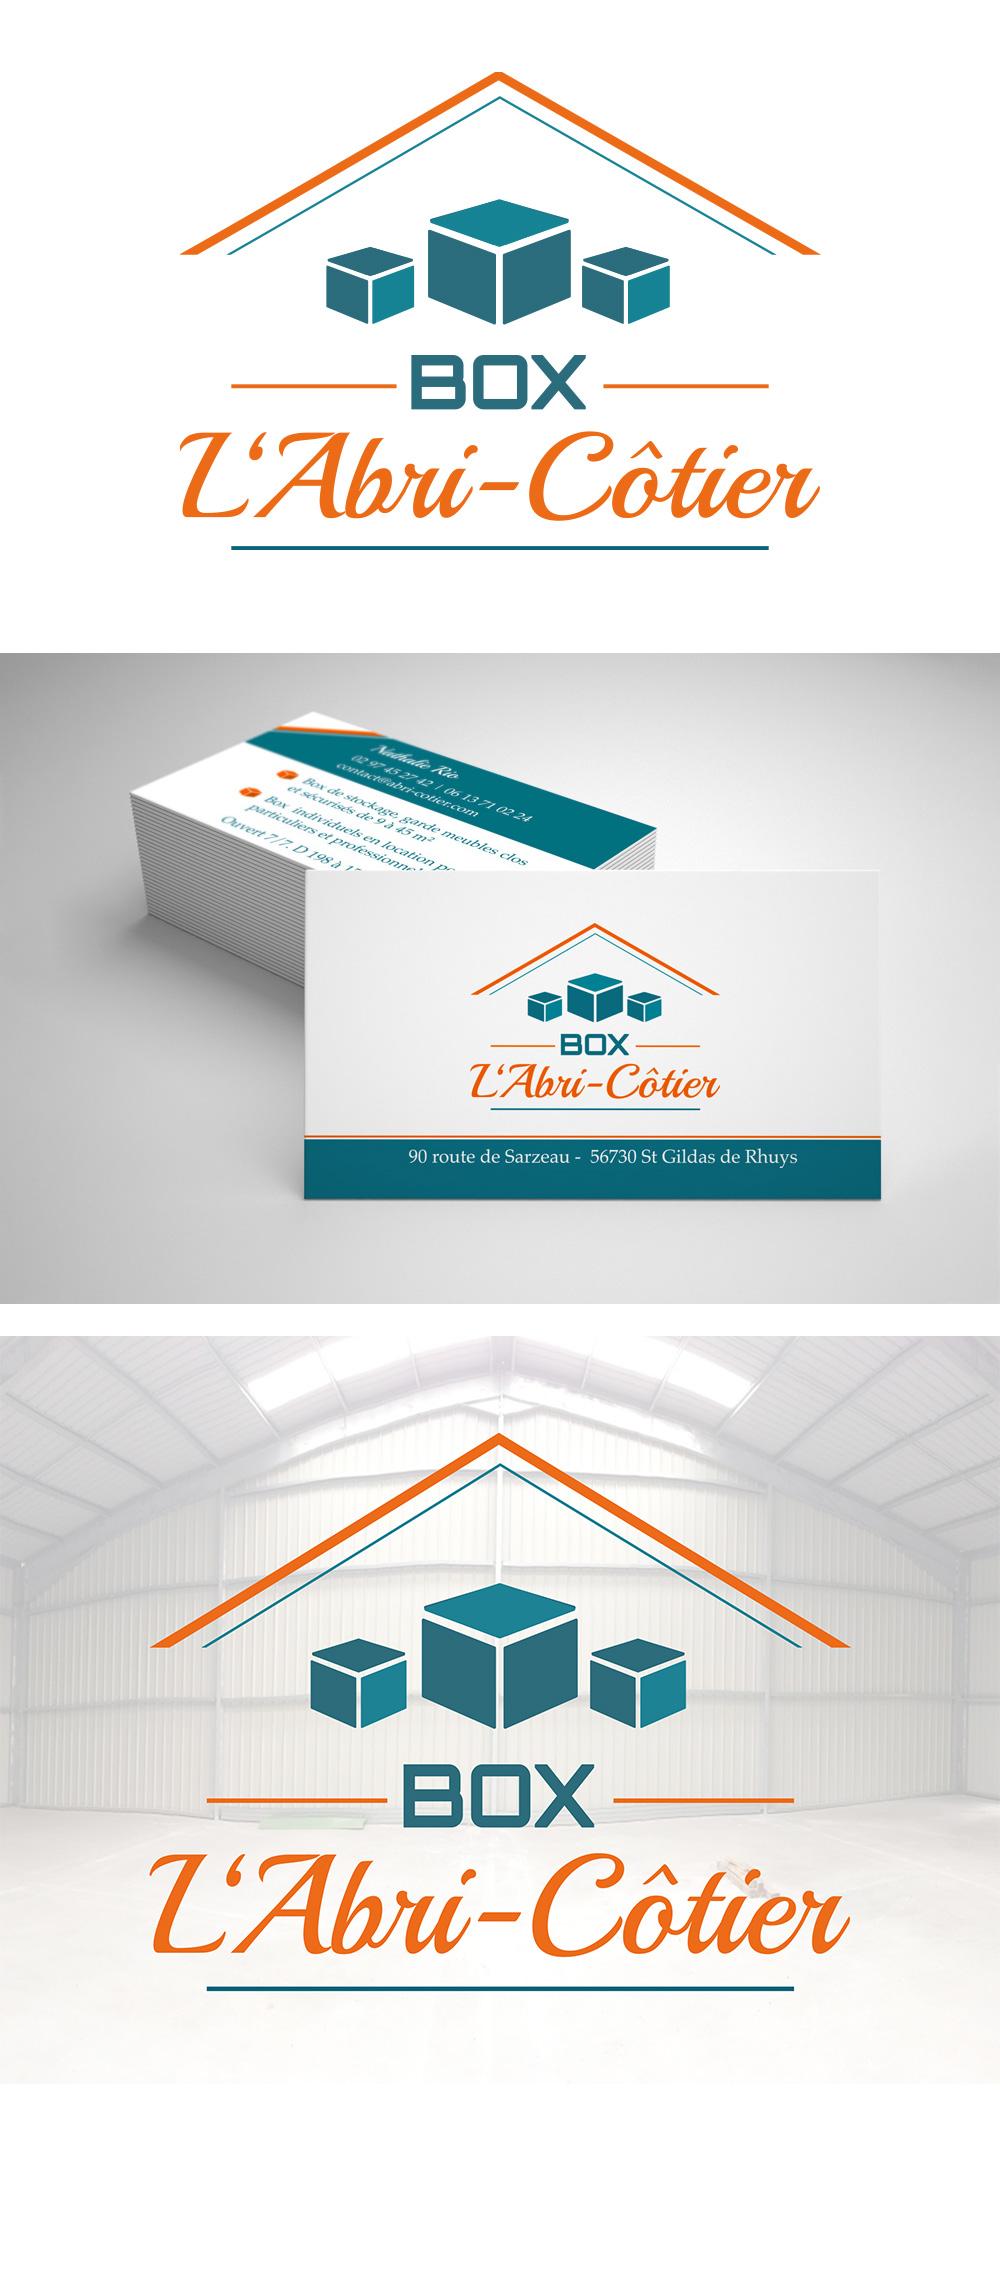 Identité visuelle - L'Abri Côtier - Location de Box à St Gildas - Logo et cartes de visite réalisés par Turkoiz Créations by Valérie Perrodo